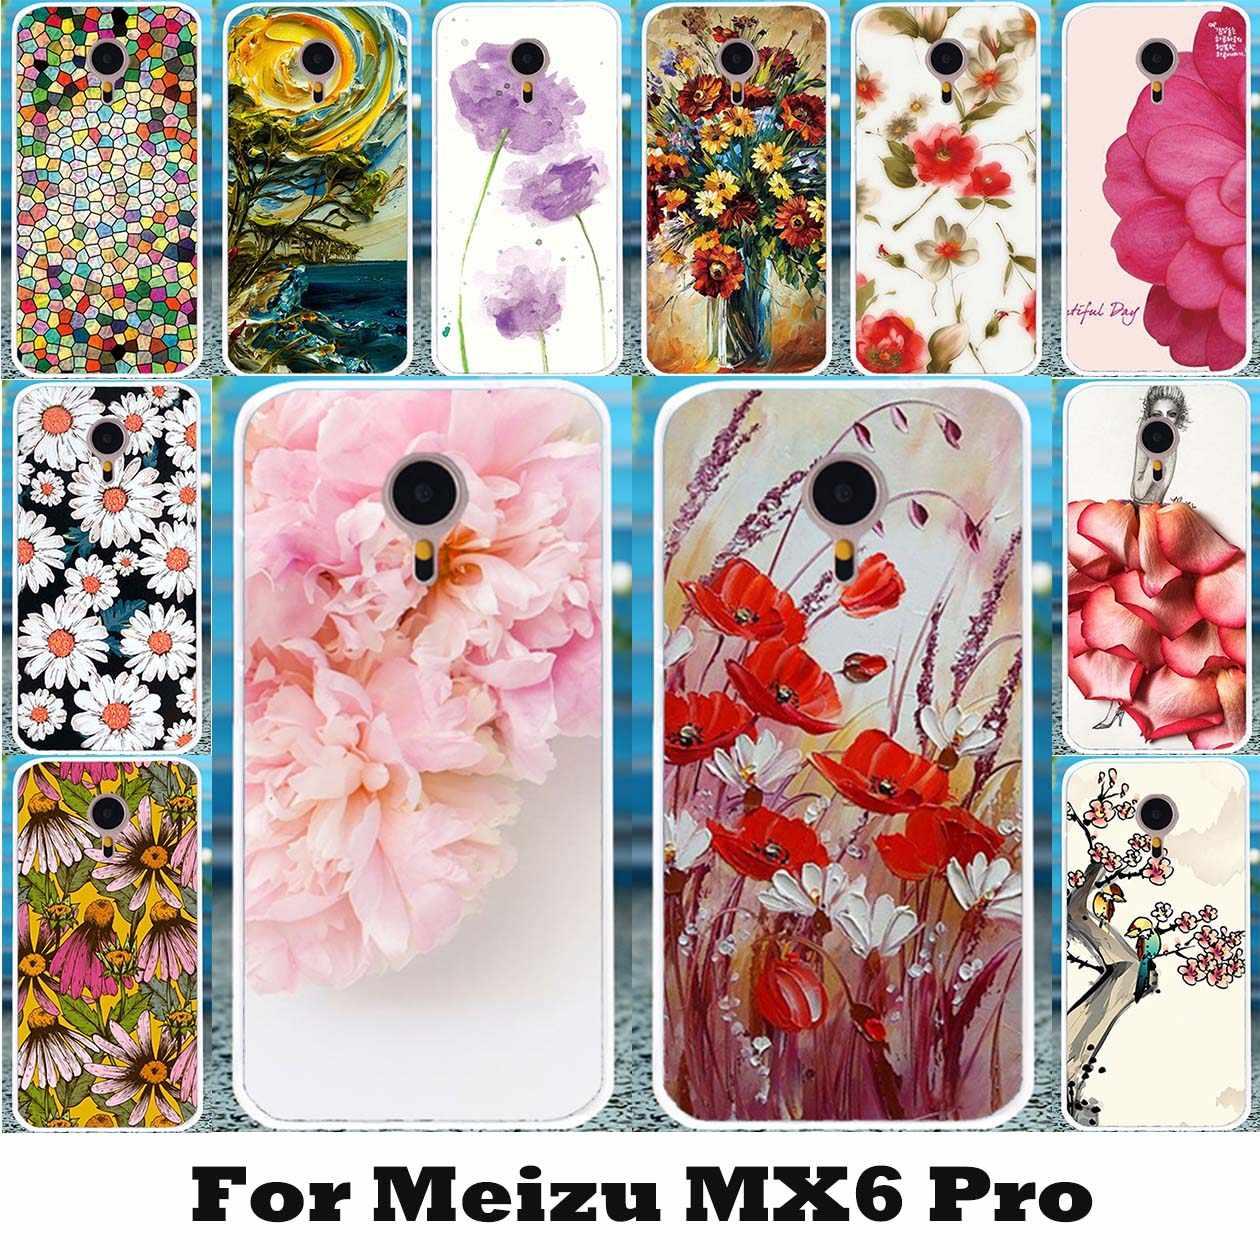 3D kwiaty do składania malowane etui na Meizu MX6 Pro Meizu Pro 6 Meizu Pro 6s Pro6s 5.2 cal okładka miękka twarda obudowa z powrotem torba Capinha